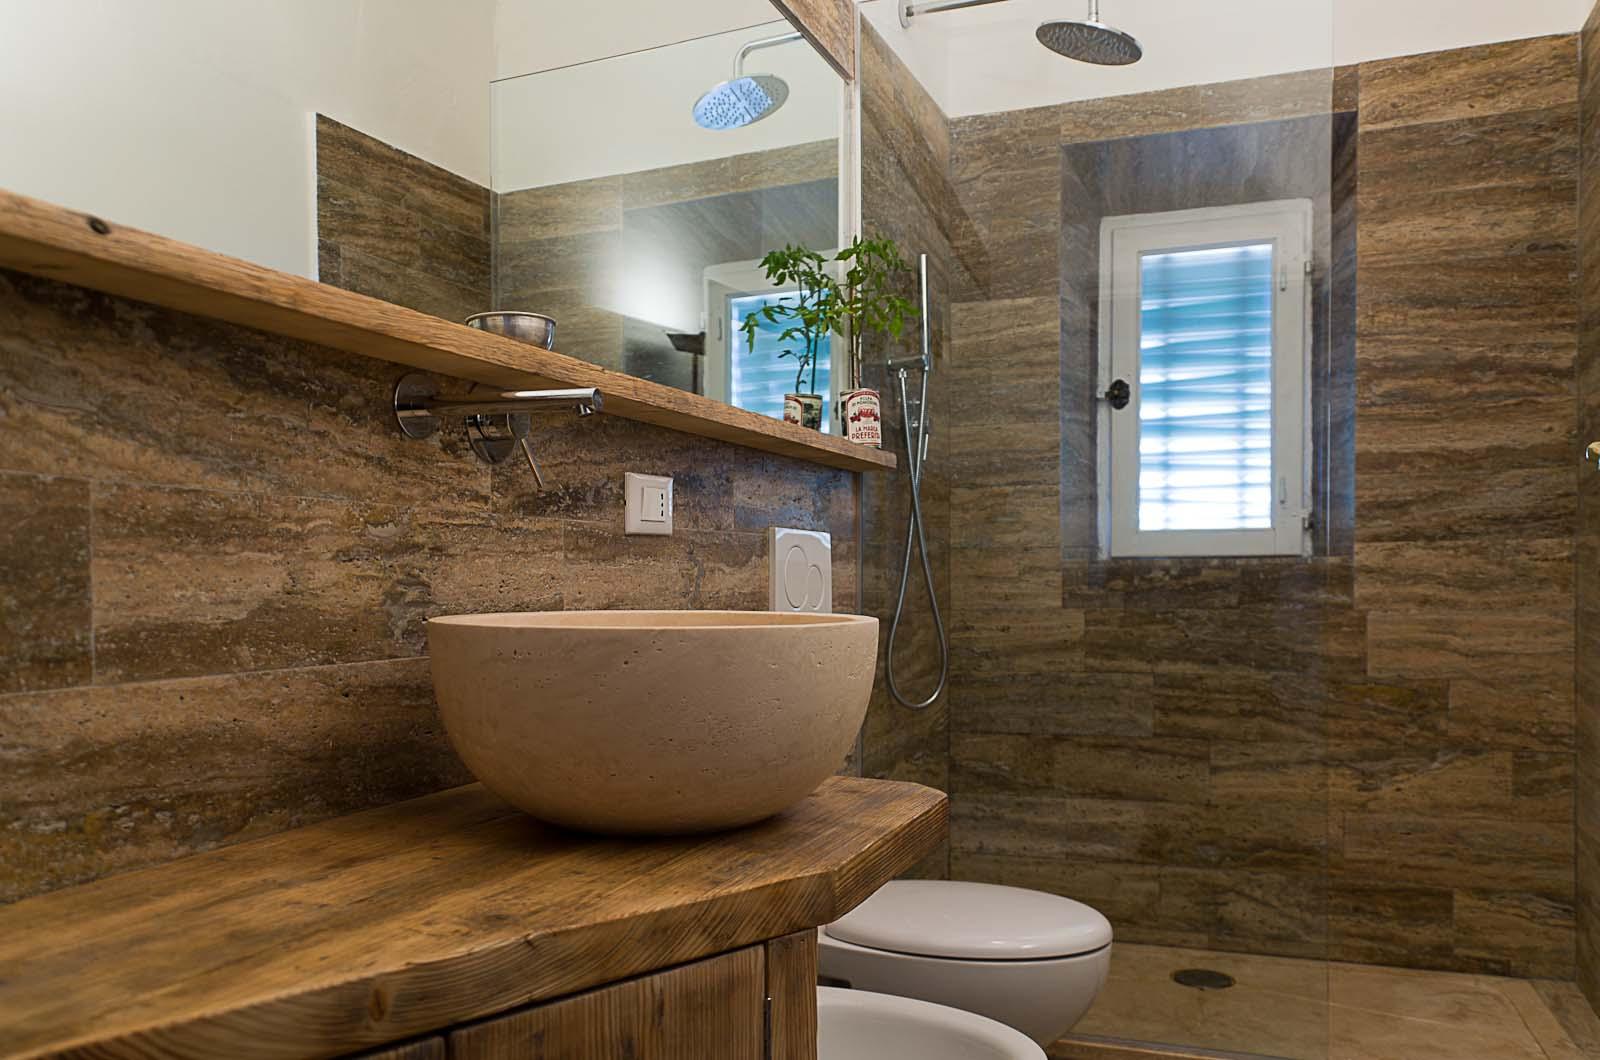 scegliere il lavabo in marmo per l'arredo del bagno - lavandino in ... - Arredo Bagno Naturale